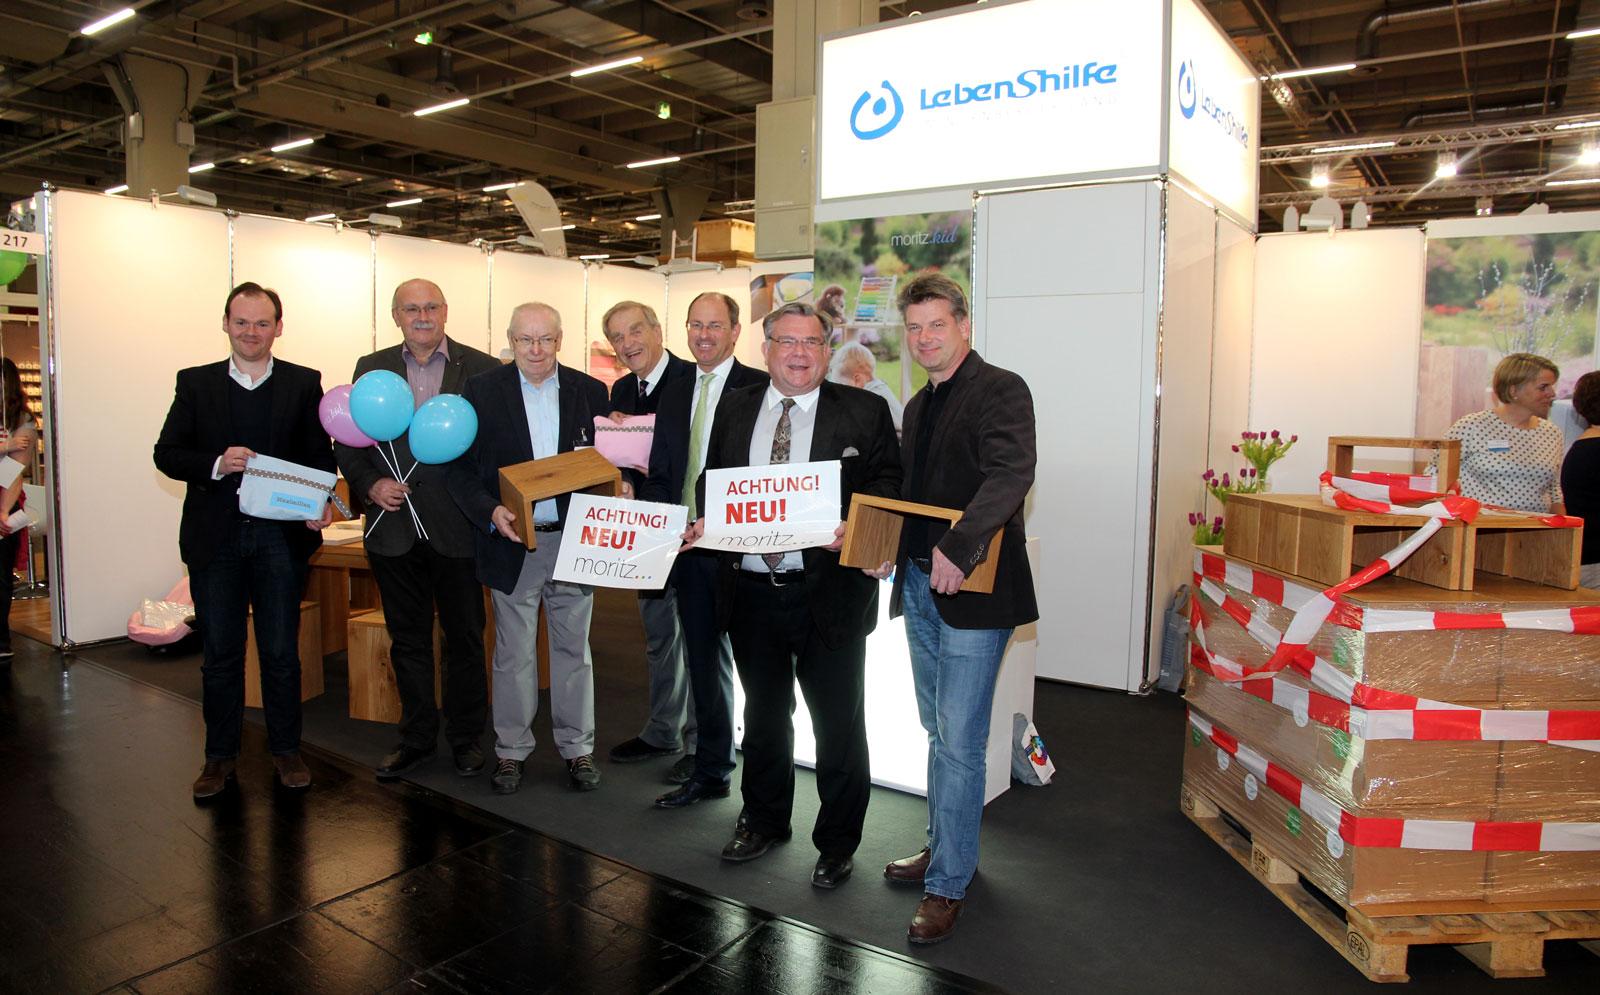 vlnr: Dennis Kummarnitzky, Hans-Manfred Wolf, Günther Spieß, Wolfgang Franz, 1. Bgm. Benedikt Bisping, Lauf, Gerhard John und Clemens Schramm.